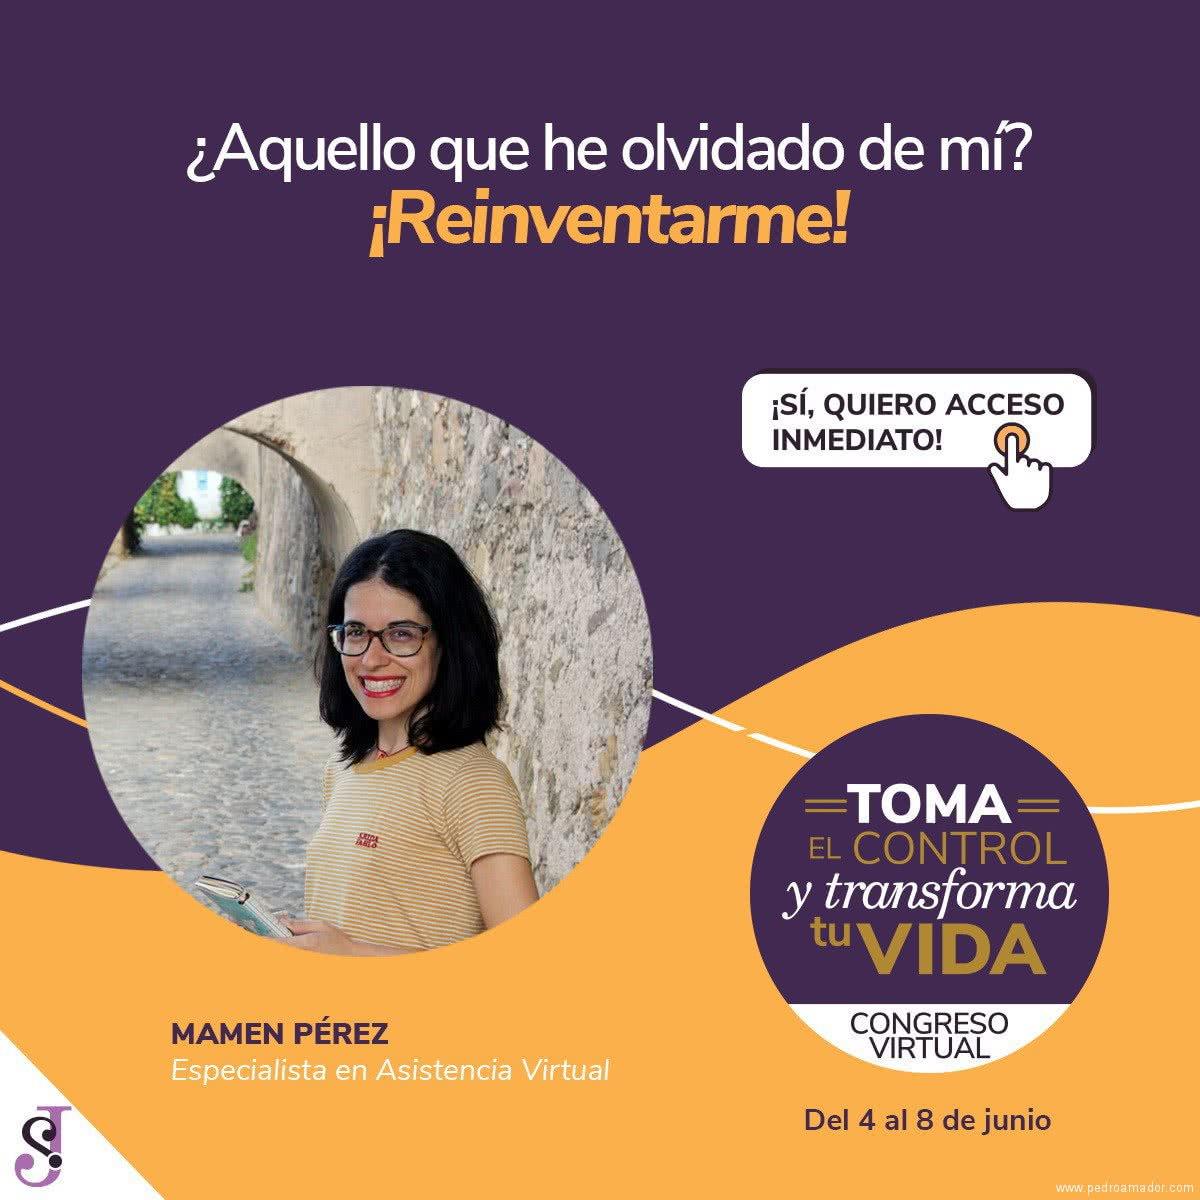 Transforma tu vida - Mamén Pérez